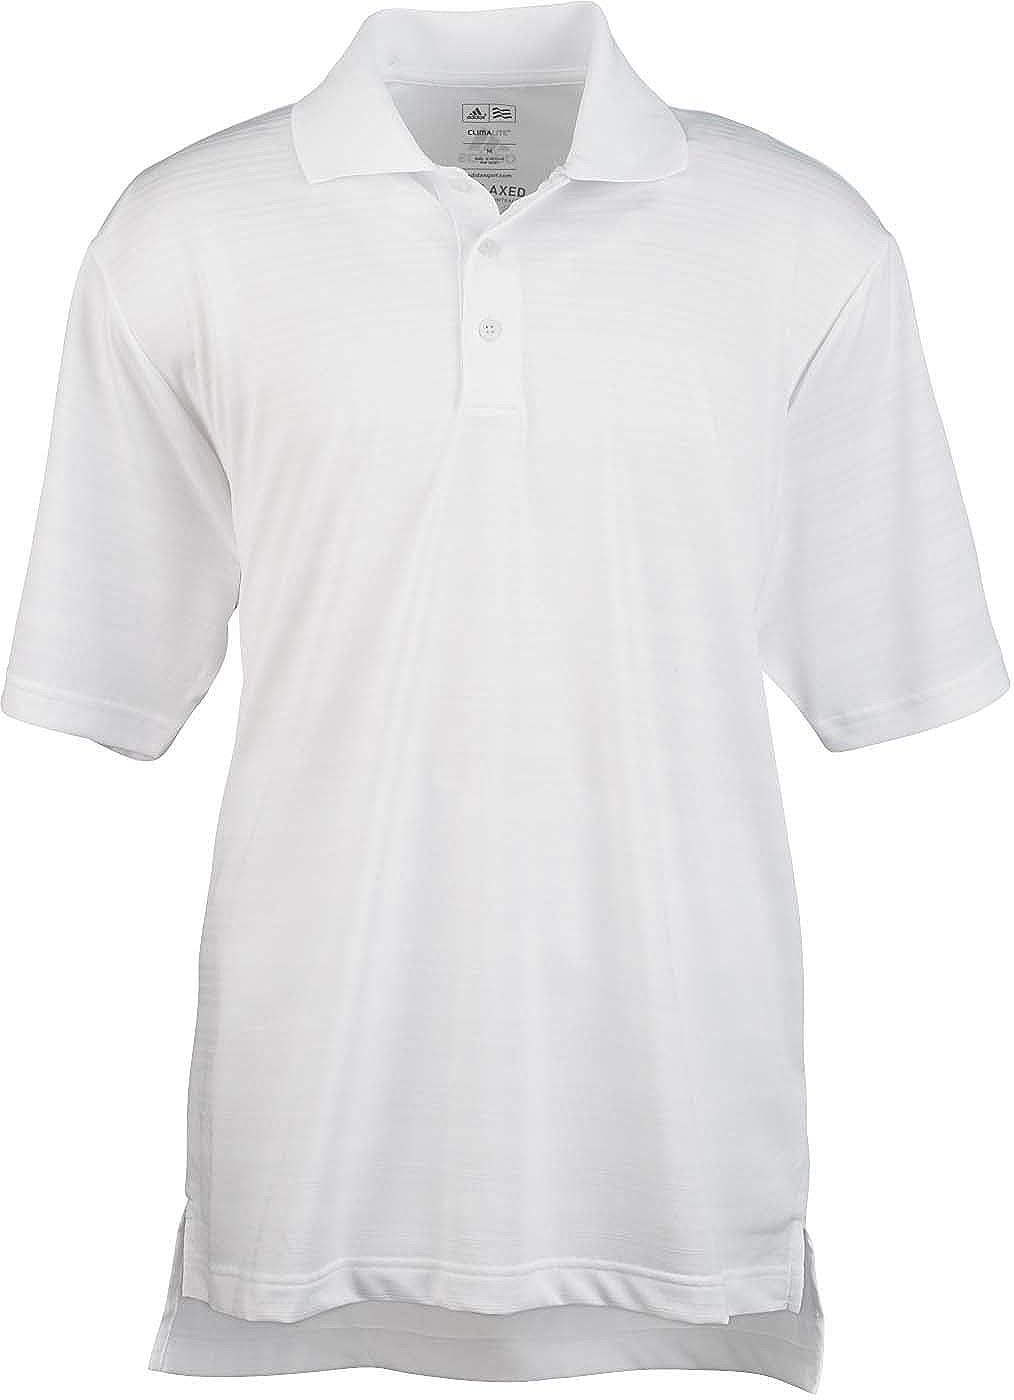 Blanc petit adidas pour Homme Climalite texturé Solide Polo